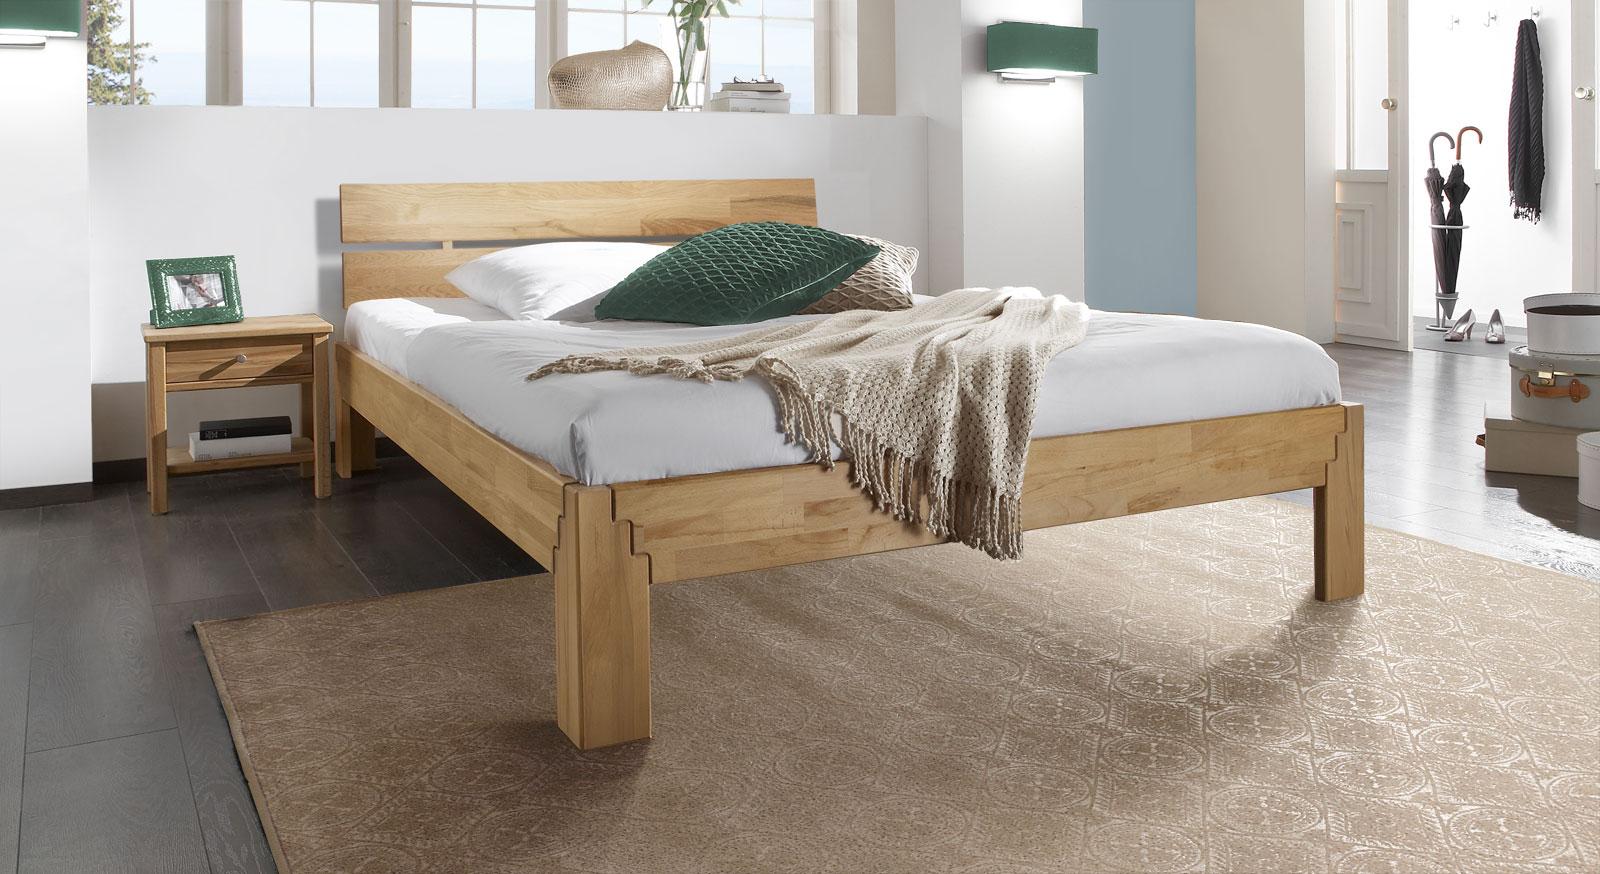 schlafzimmer set 160x200 lattenroste im preisvergleich schlafzimmer vito paso kommode beige. Black Bedroom Furniture Sets. Home Design Ideas